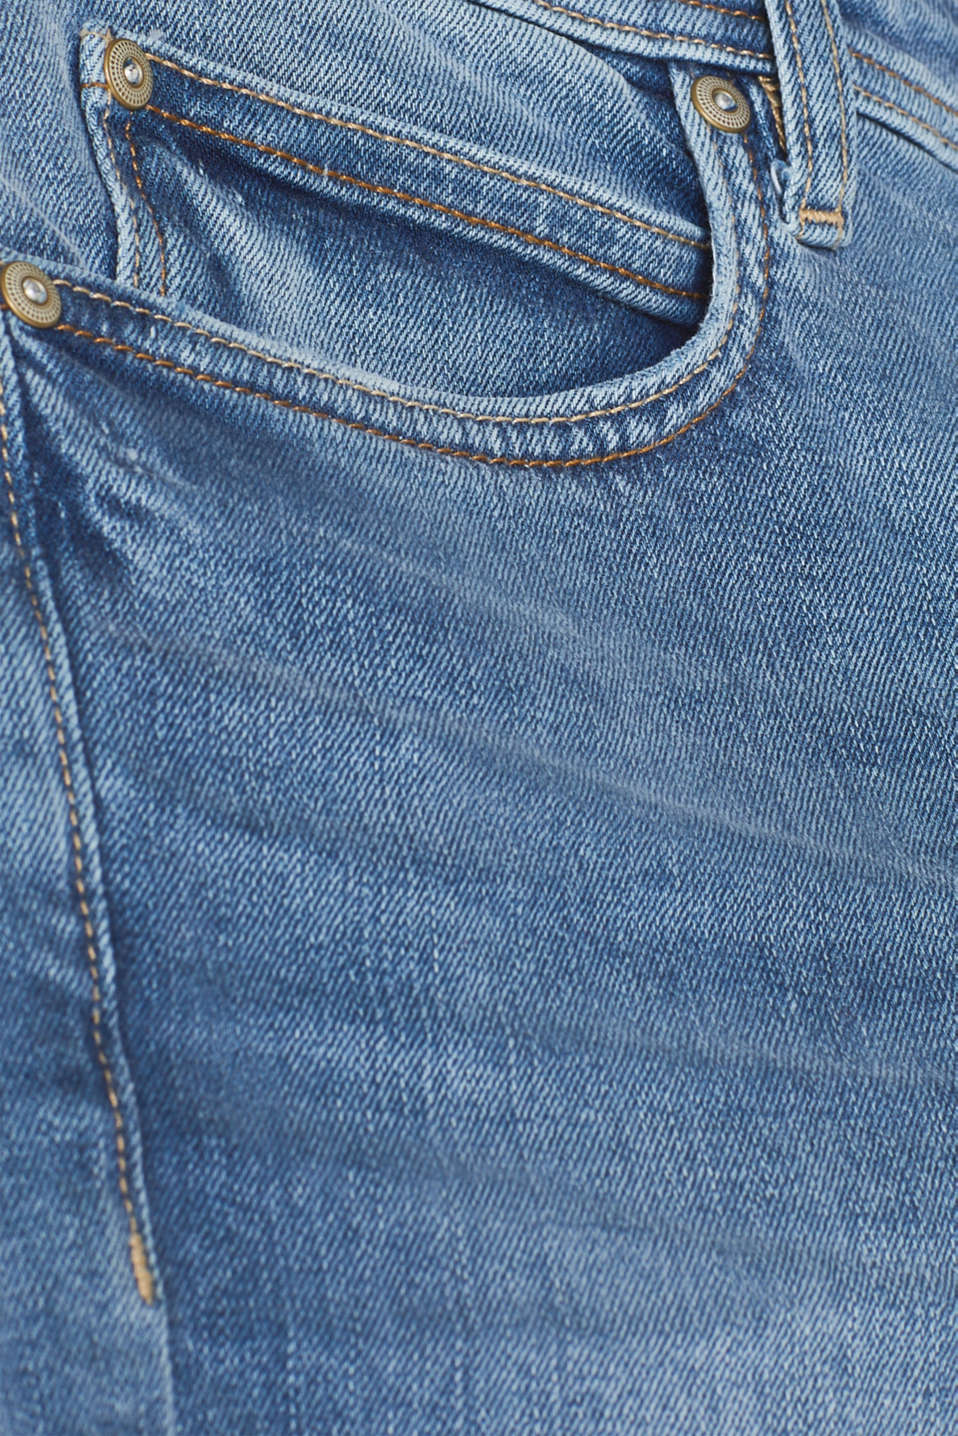 Shorts denim, BLUE LIGHT WASH, detail image number 5